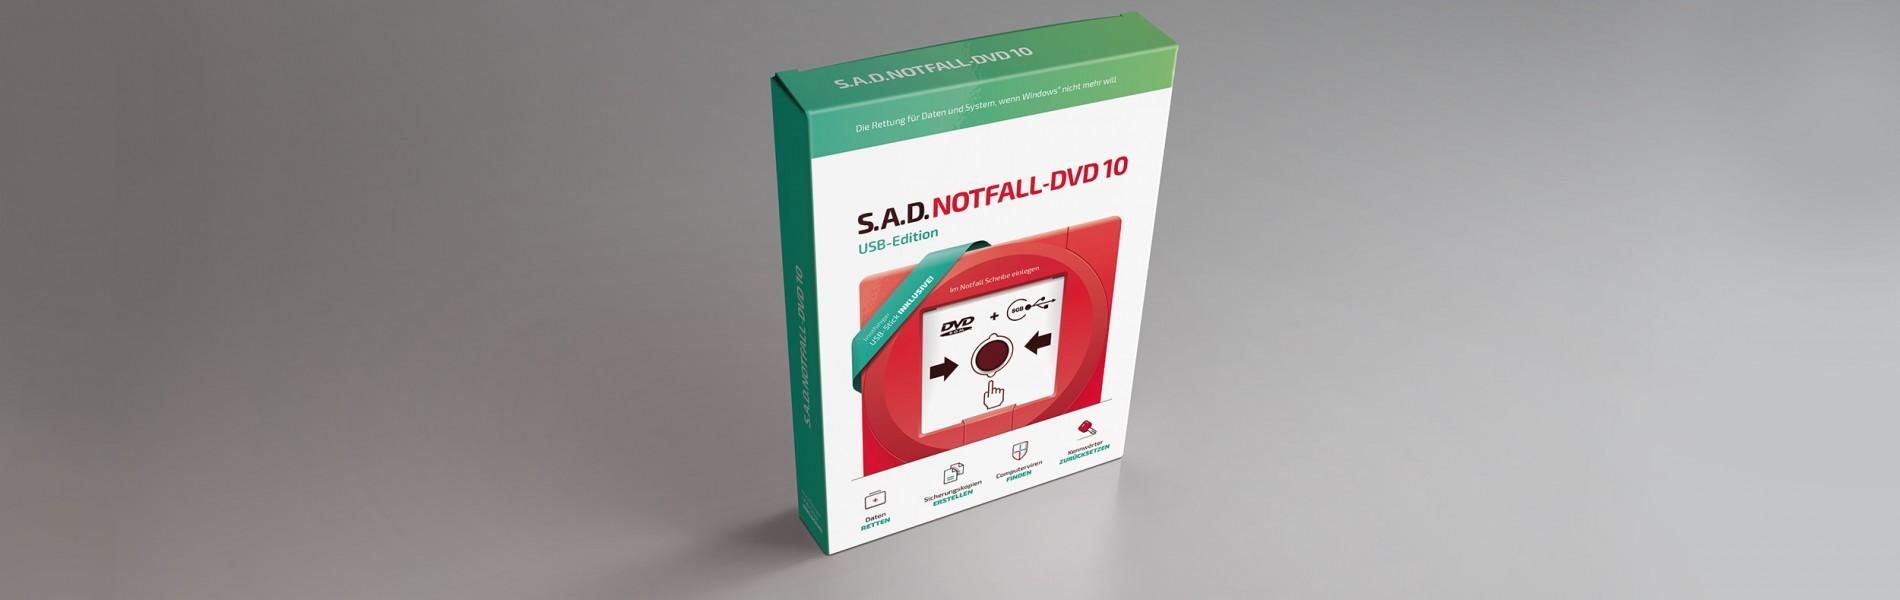 Notfall-DVD 10 mit Datenrettungs-USB-Stick